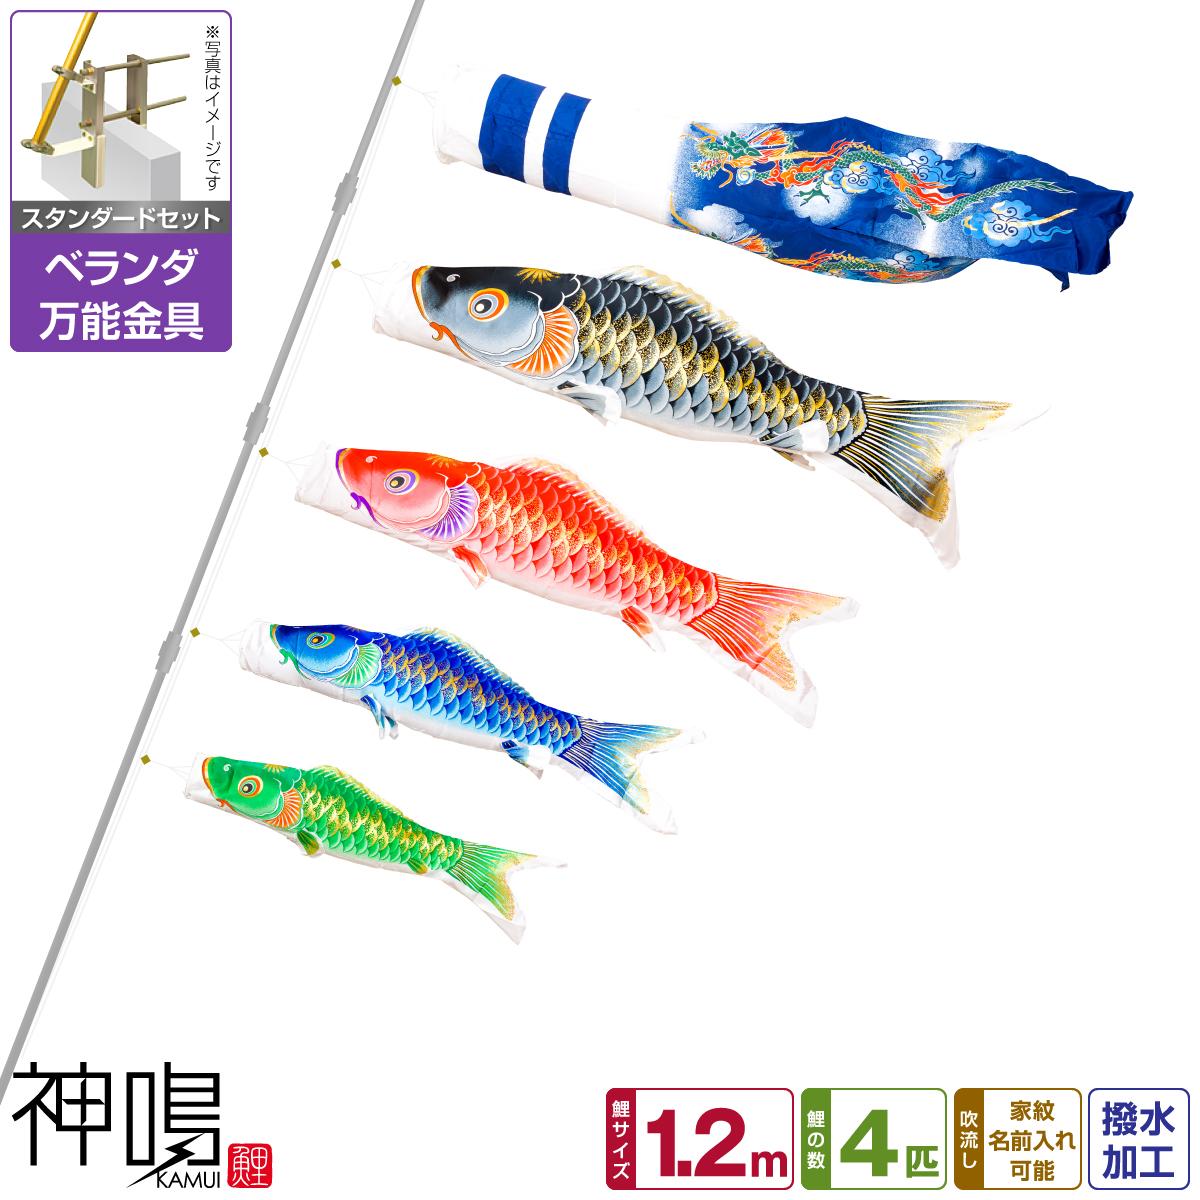 ベランダ用 鯉のぼり 神鳴鯉-KAMUI- 1.2m 7点(吹流し+鯉4匹+矢車+ロープ)/スタンダードセット(万能取付金具)